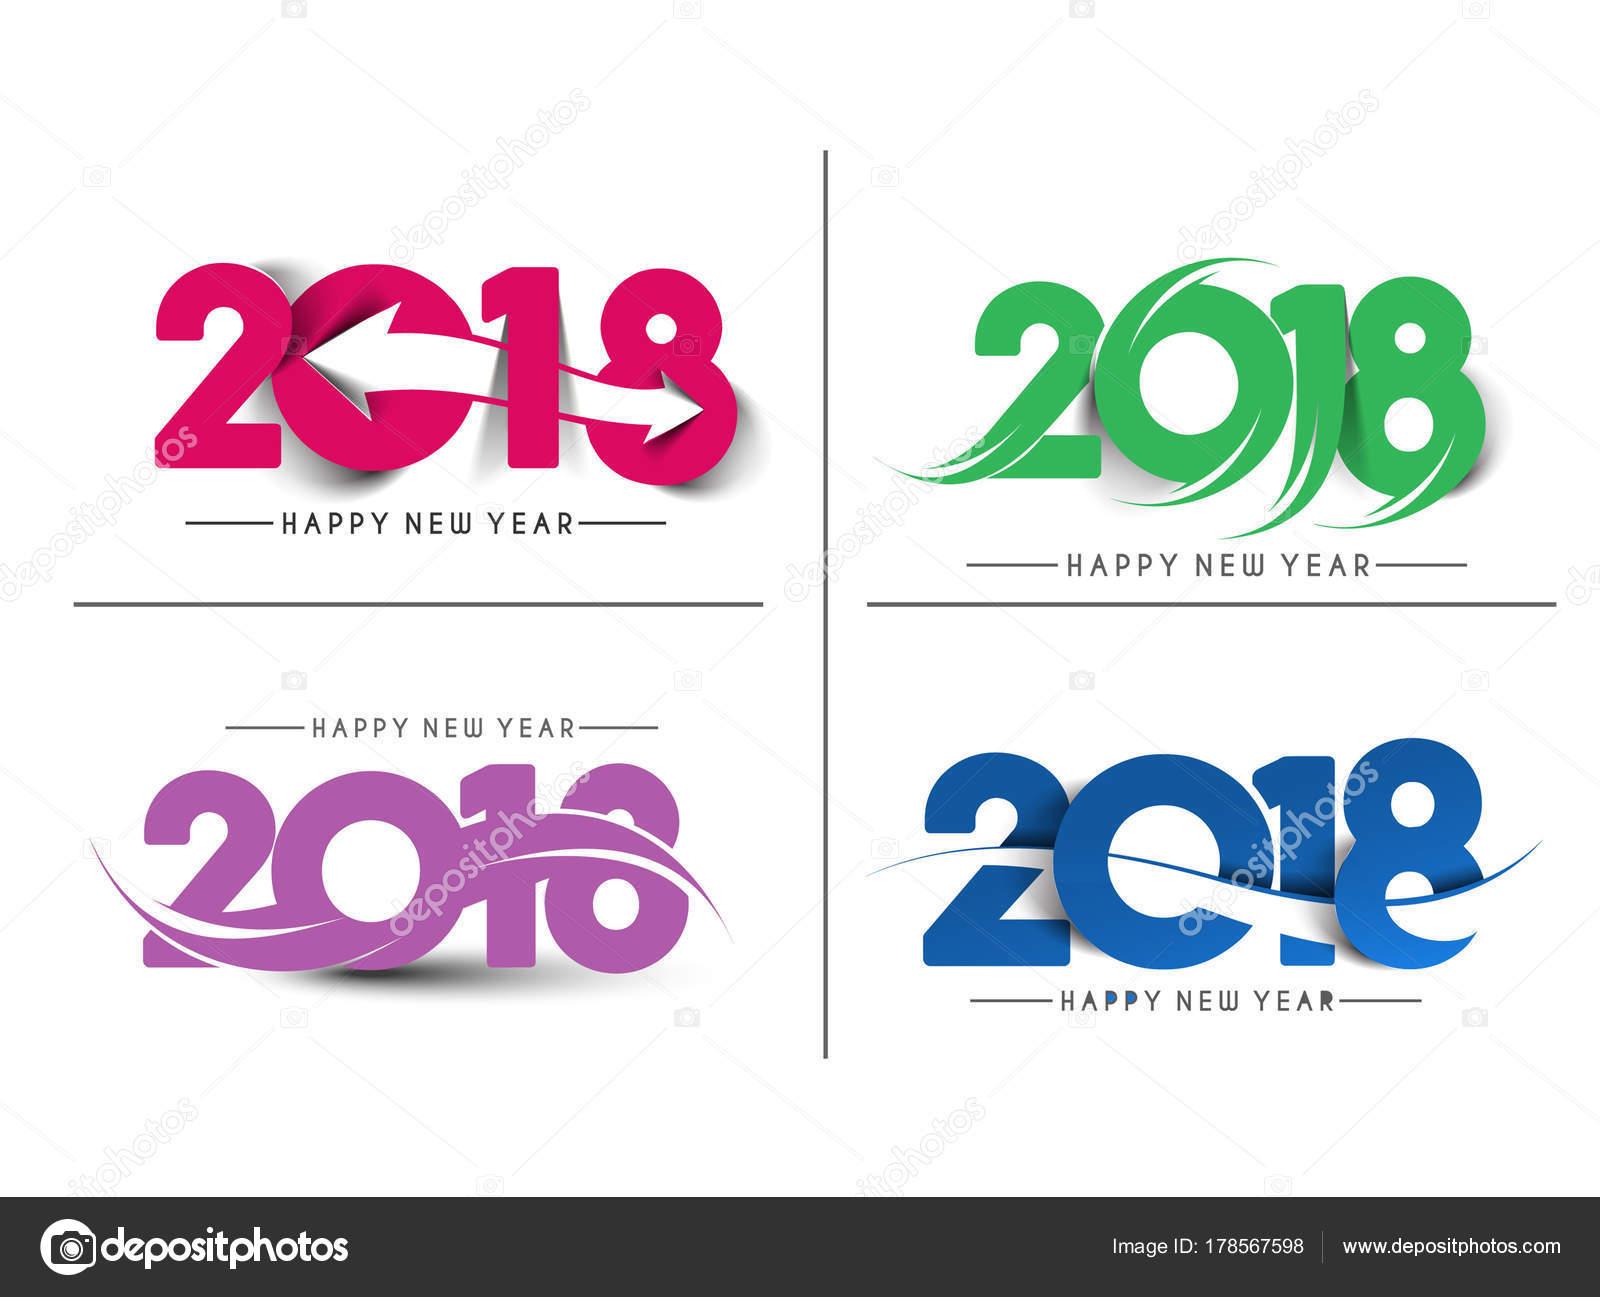 Disenos De Encabezados Para Word Juego De Feliz Ano Nuevo 2018